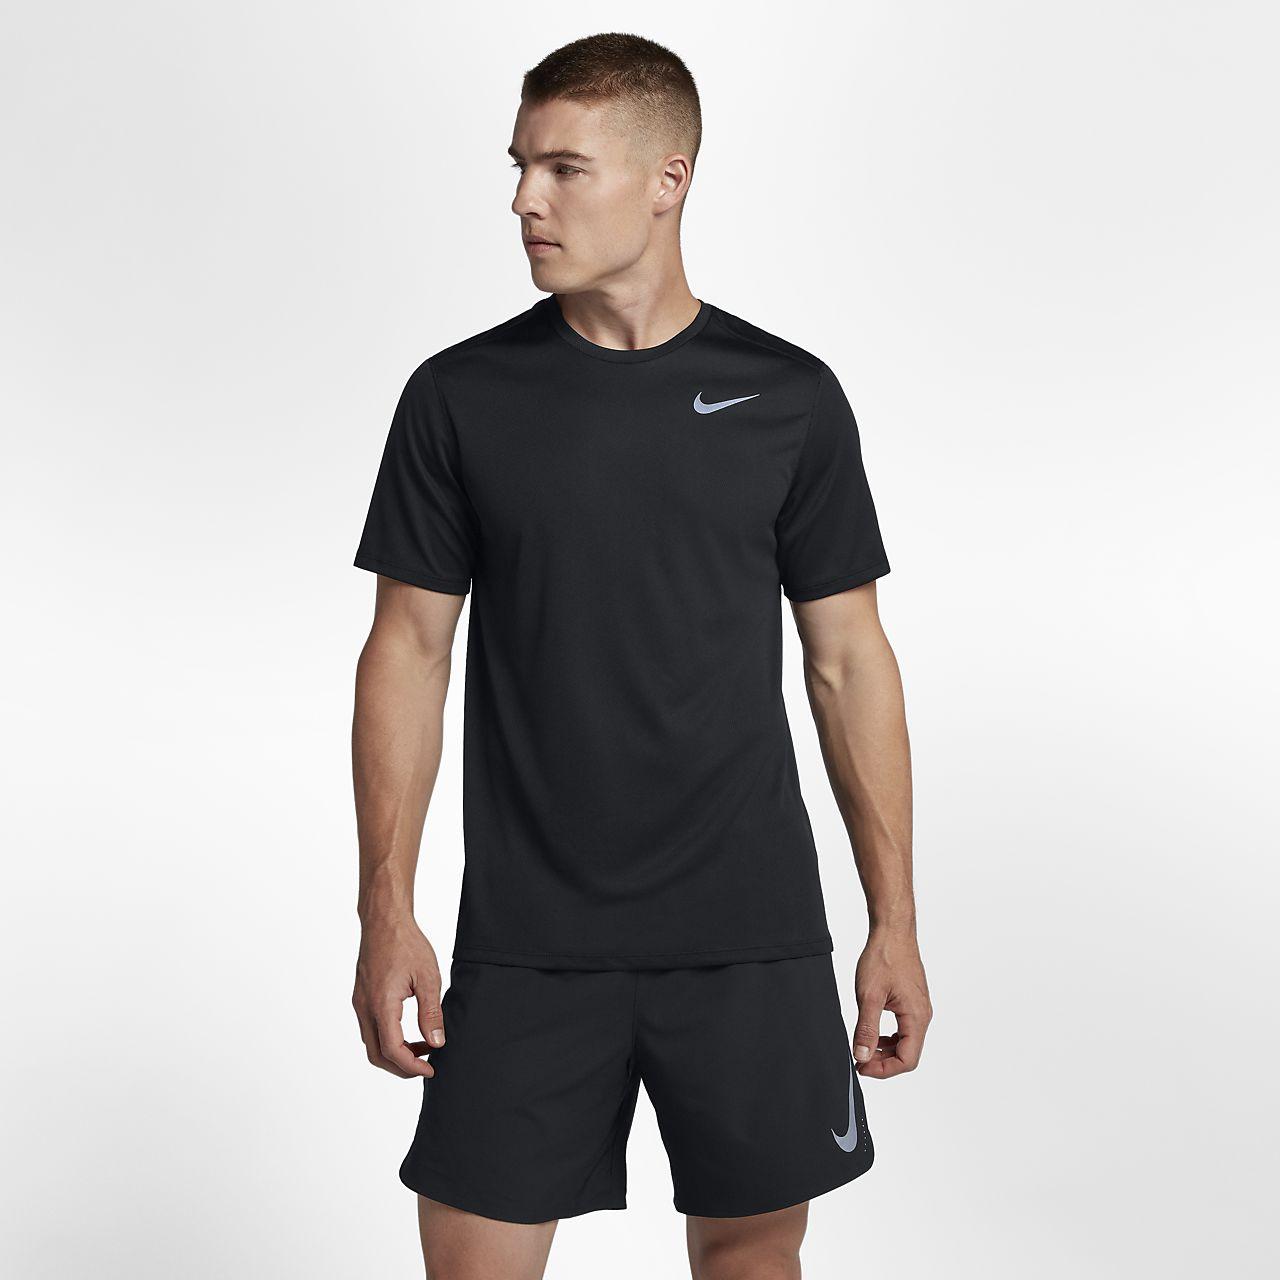 Camiseta running Nike súper comoda